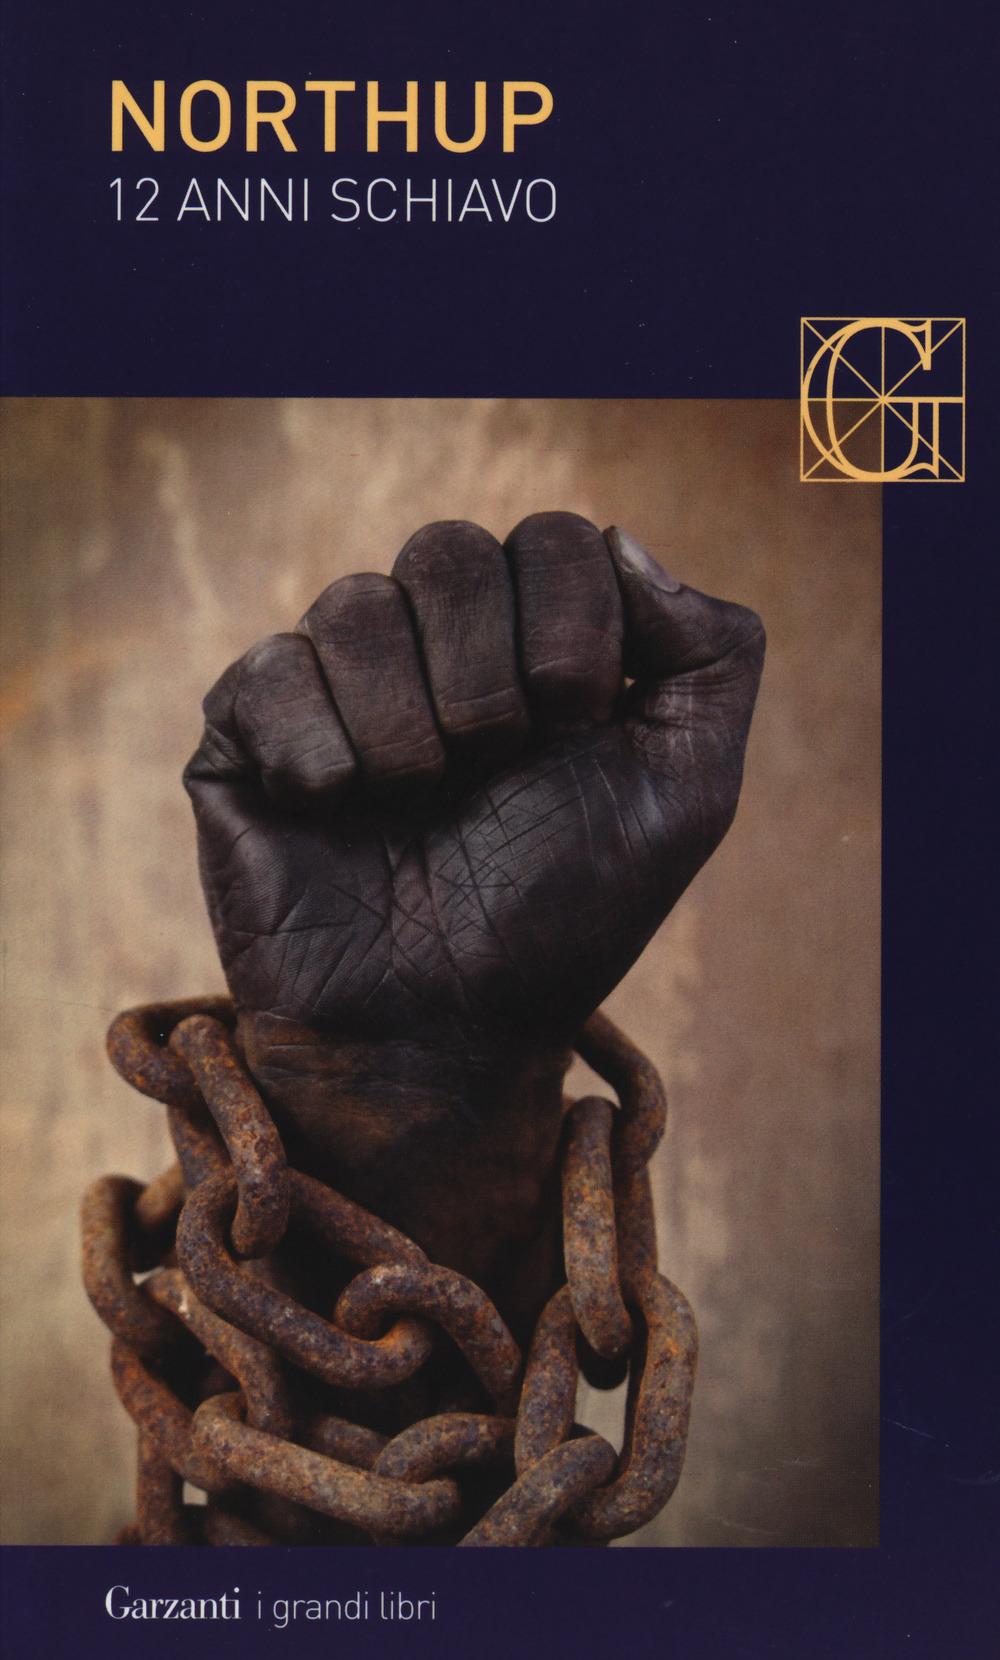 Libri sui Civil Rights: 12 anni schiavo